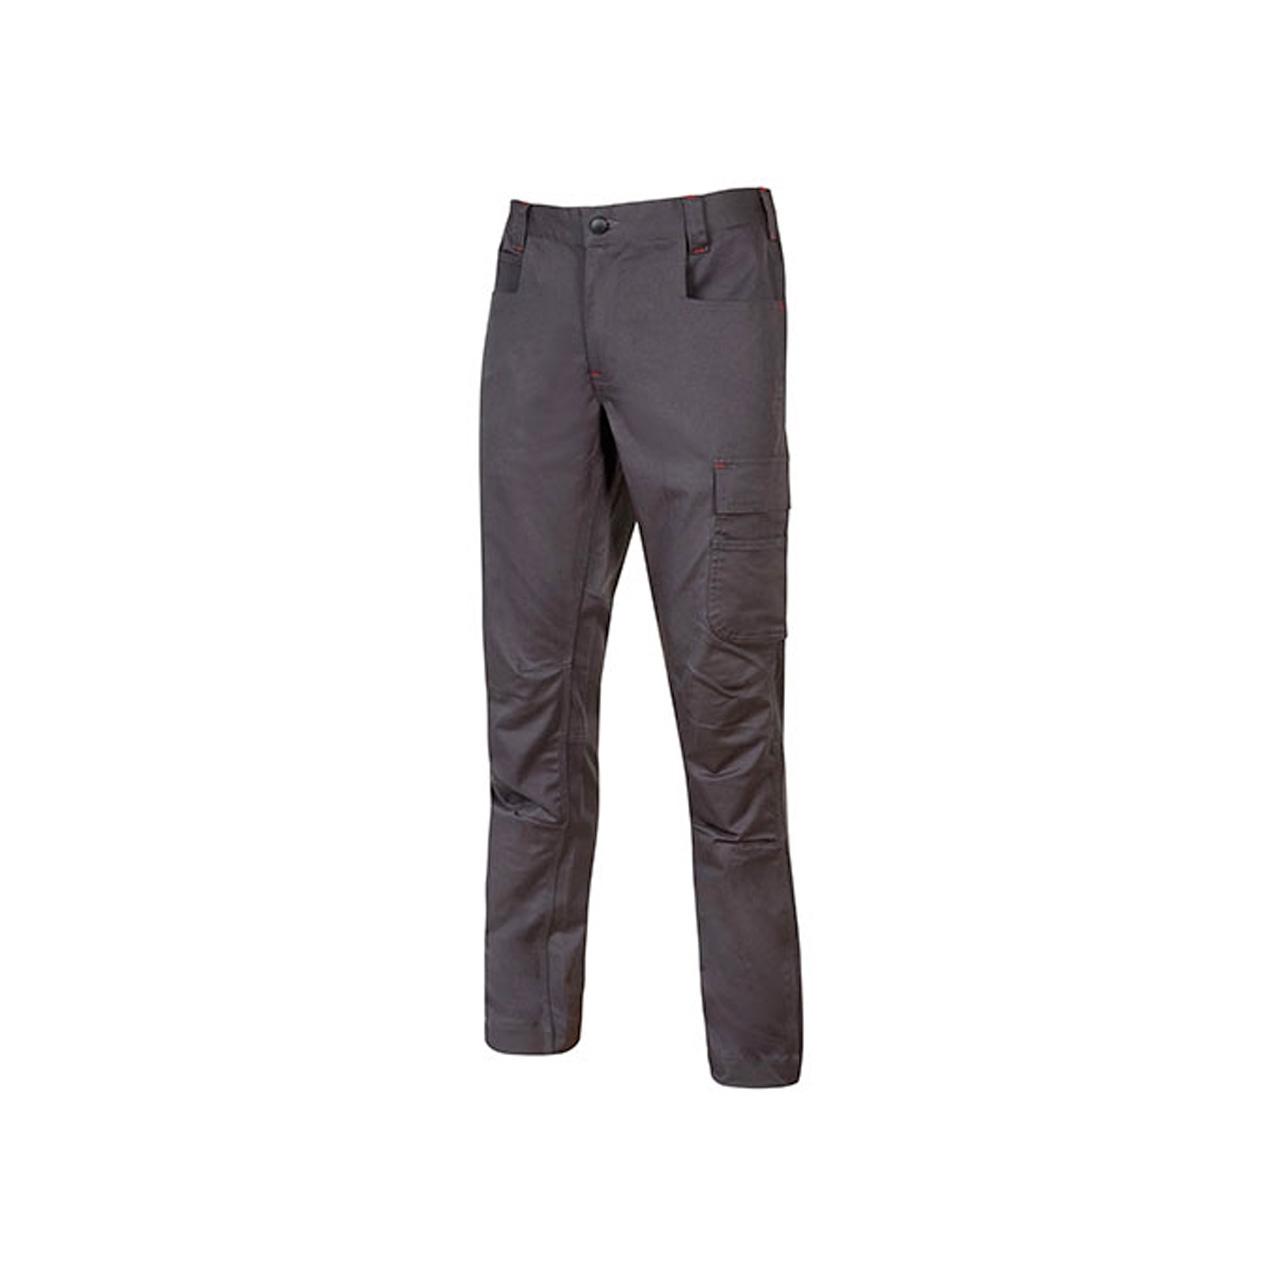 pantalone da lavoro upower modello bravo TOP colore gre